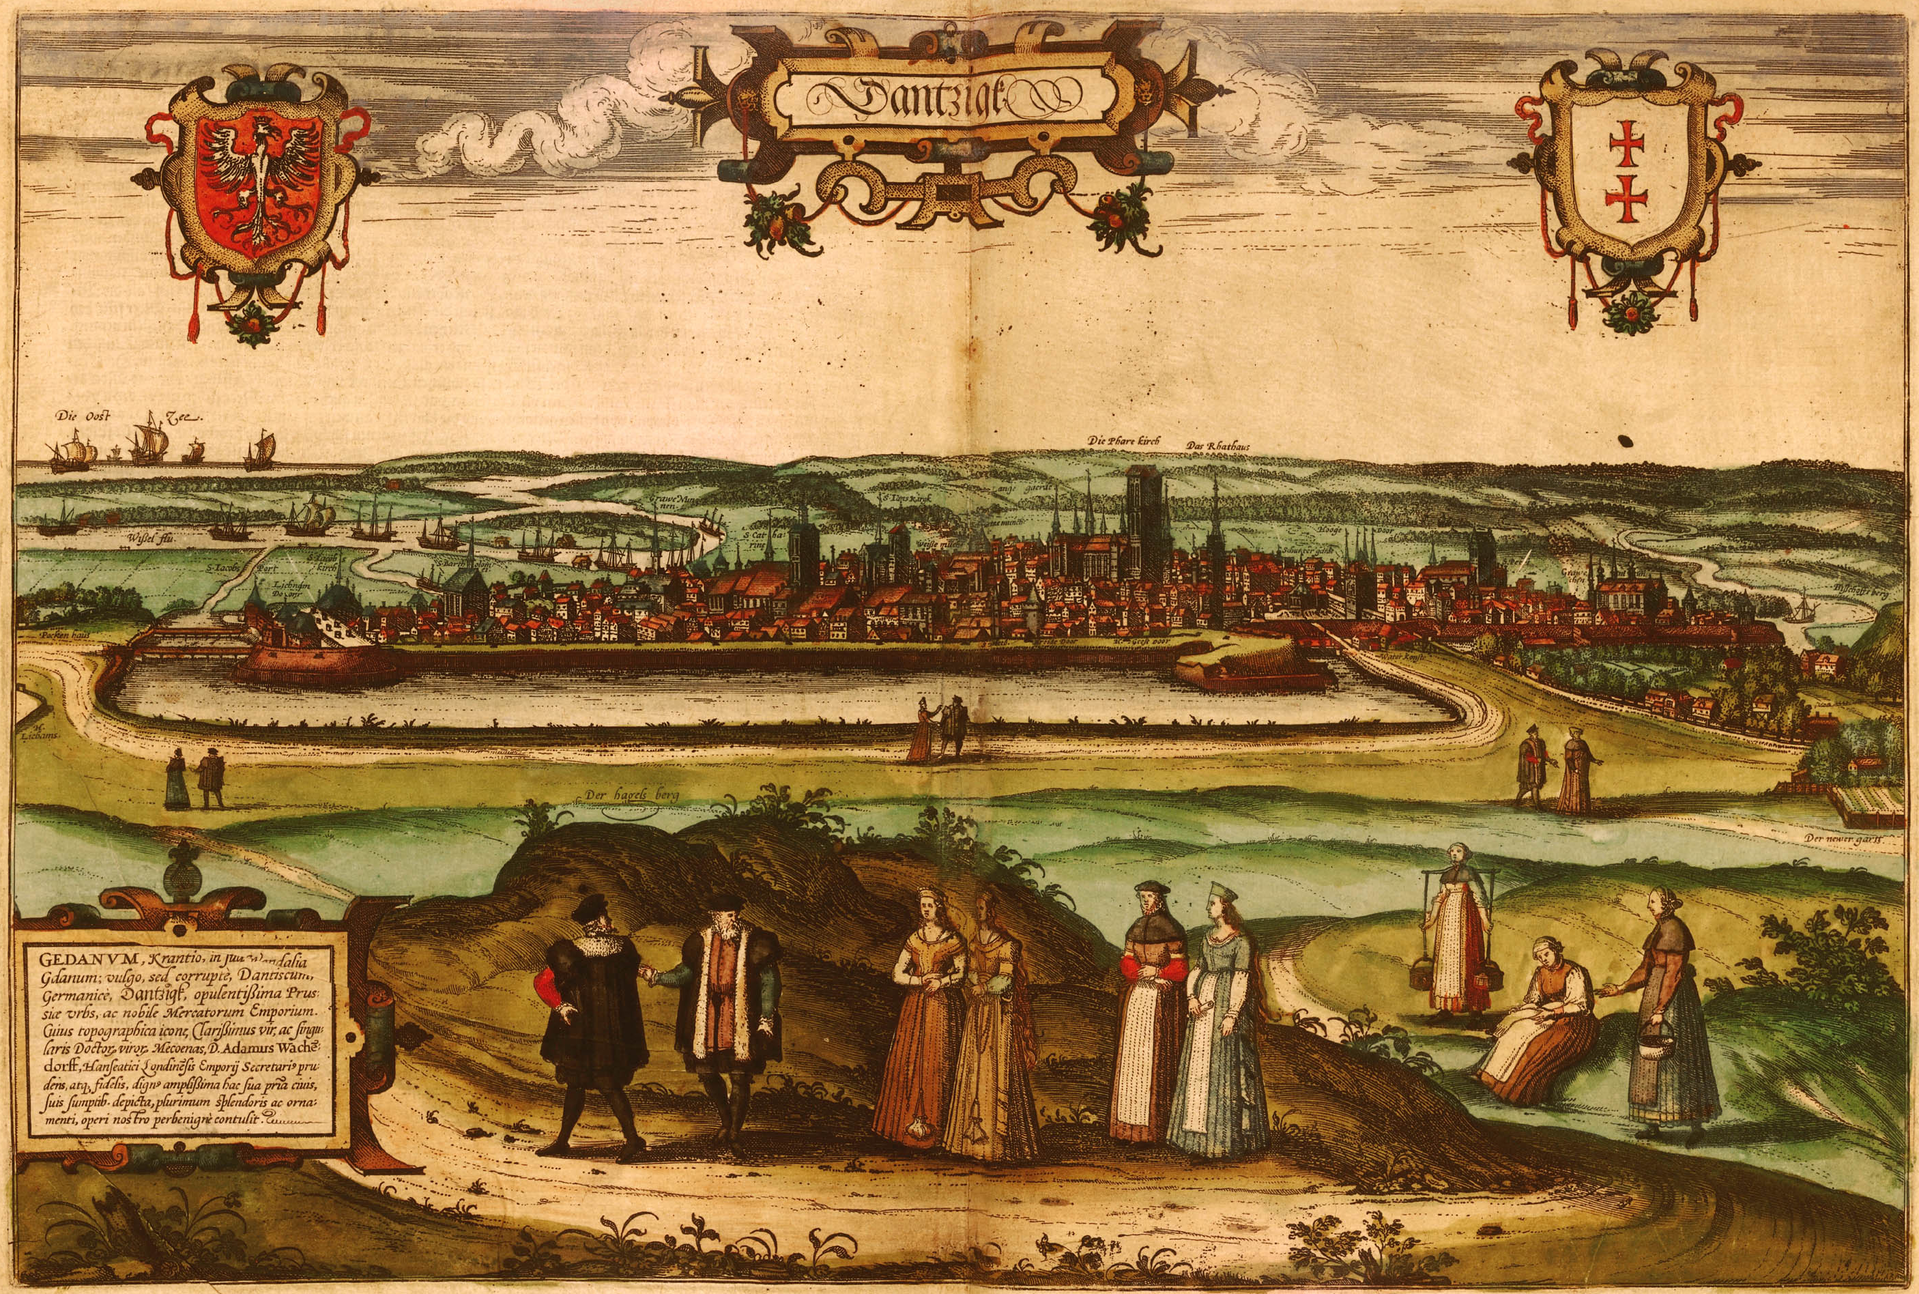 Dantzig / Gadenum Panorama Gdańska z1575 r. Miasto, podczas elekcji po ucieczce Henryka Walezego, poparło kandydaturę cesarza Maksymiliana II, co spowodowało konflikt zRzeczpospolitą iwojnę (1576-1577). Stefan Batory zmusił jednak miasto do uległości. Ilustracja pochodzi zII tomudzieła Georga Brauna (kartograf) iFransa Hogenberga (malarz, sztycharz, grafik)Miasta świata. Źródło: Frans Hogenberg, Dantzig / Gadenum, 1575, miedzioryt kolorowany, domena publiczna.